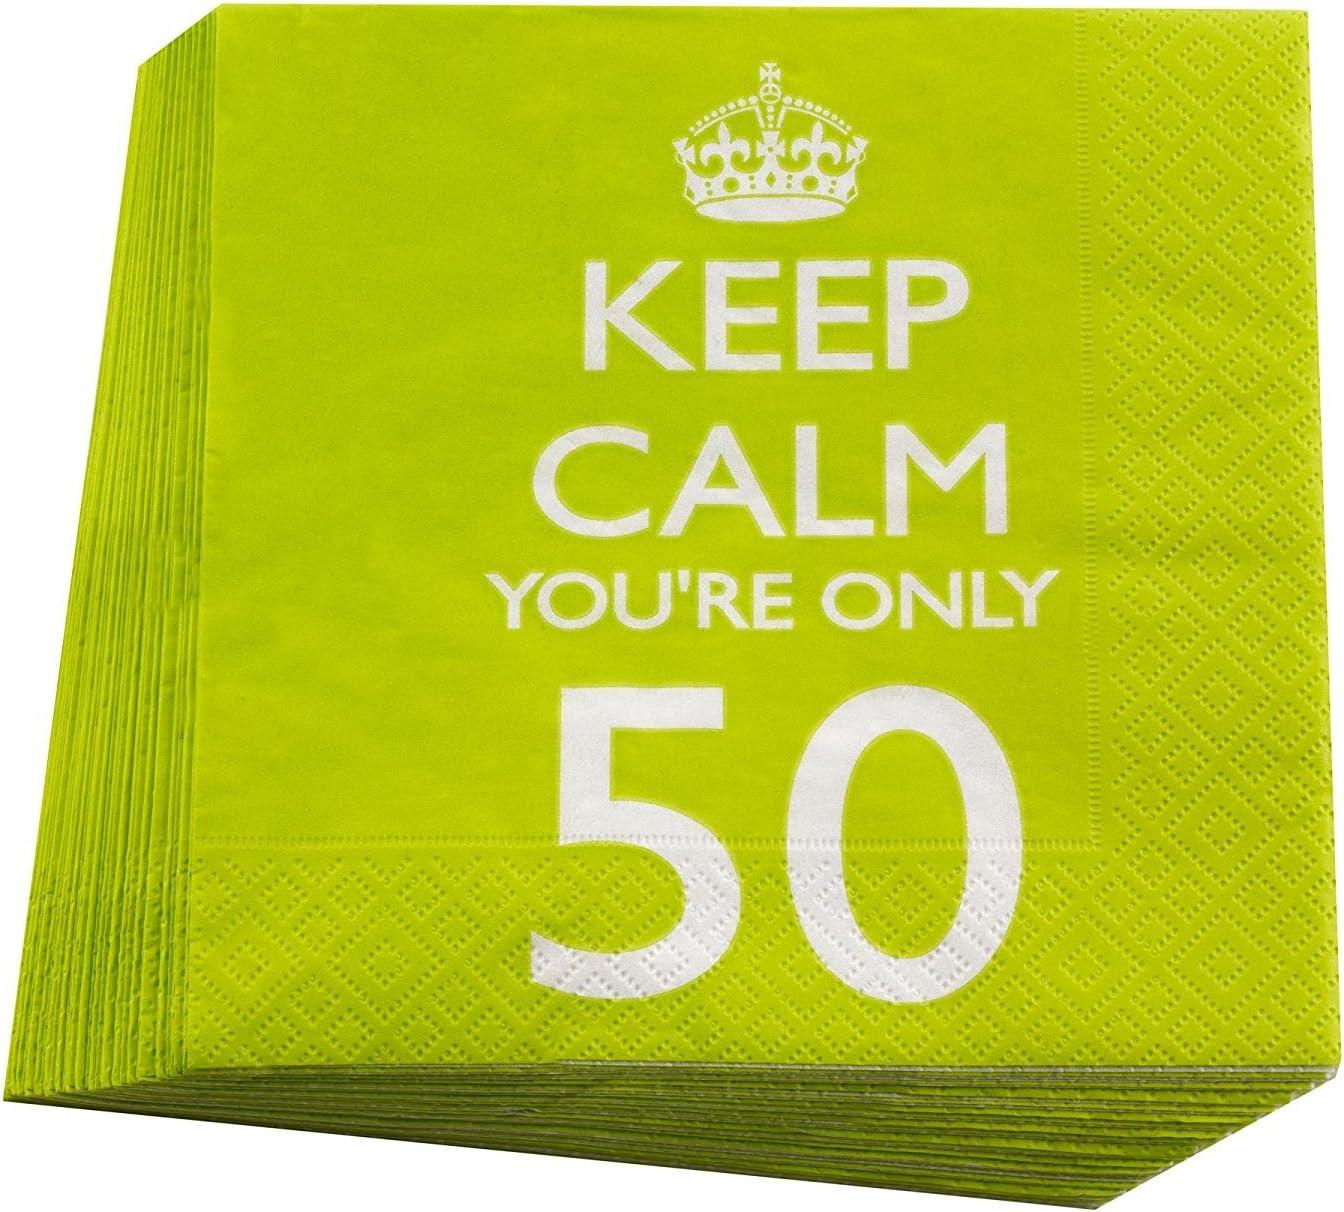 Einer 48 frau geburtstag 48. Geburtstag